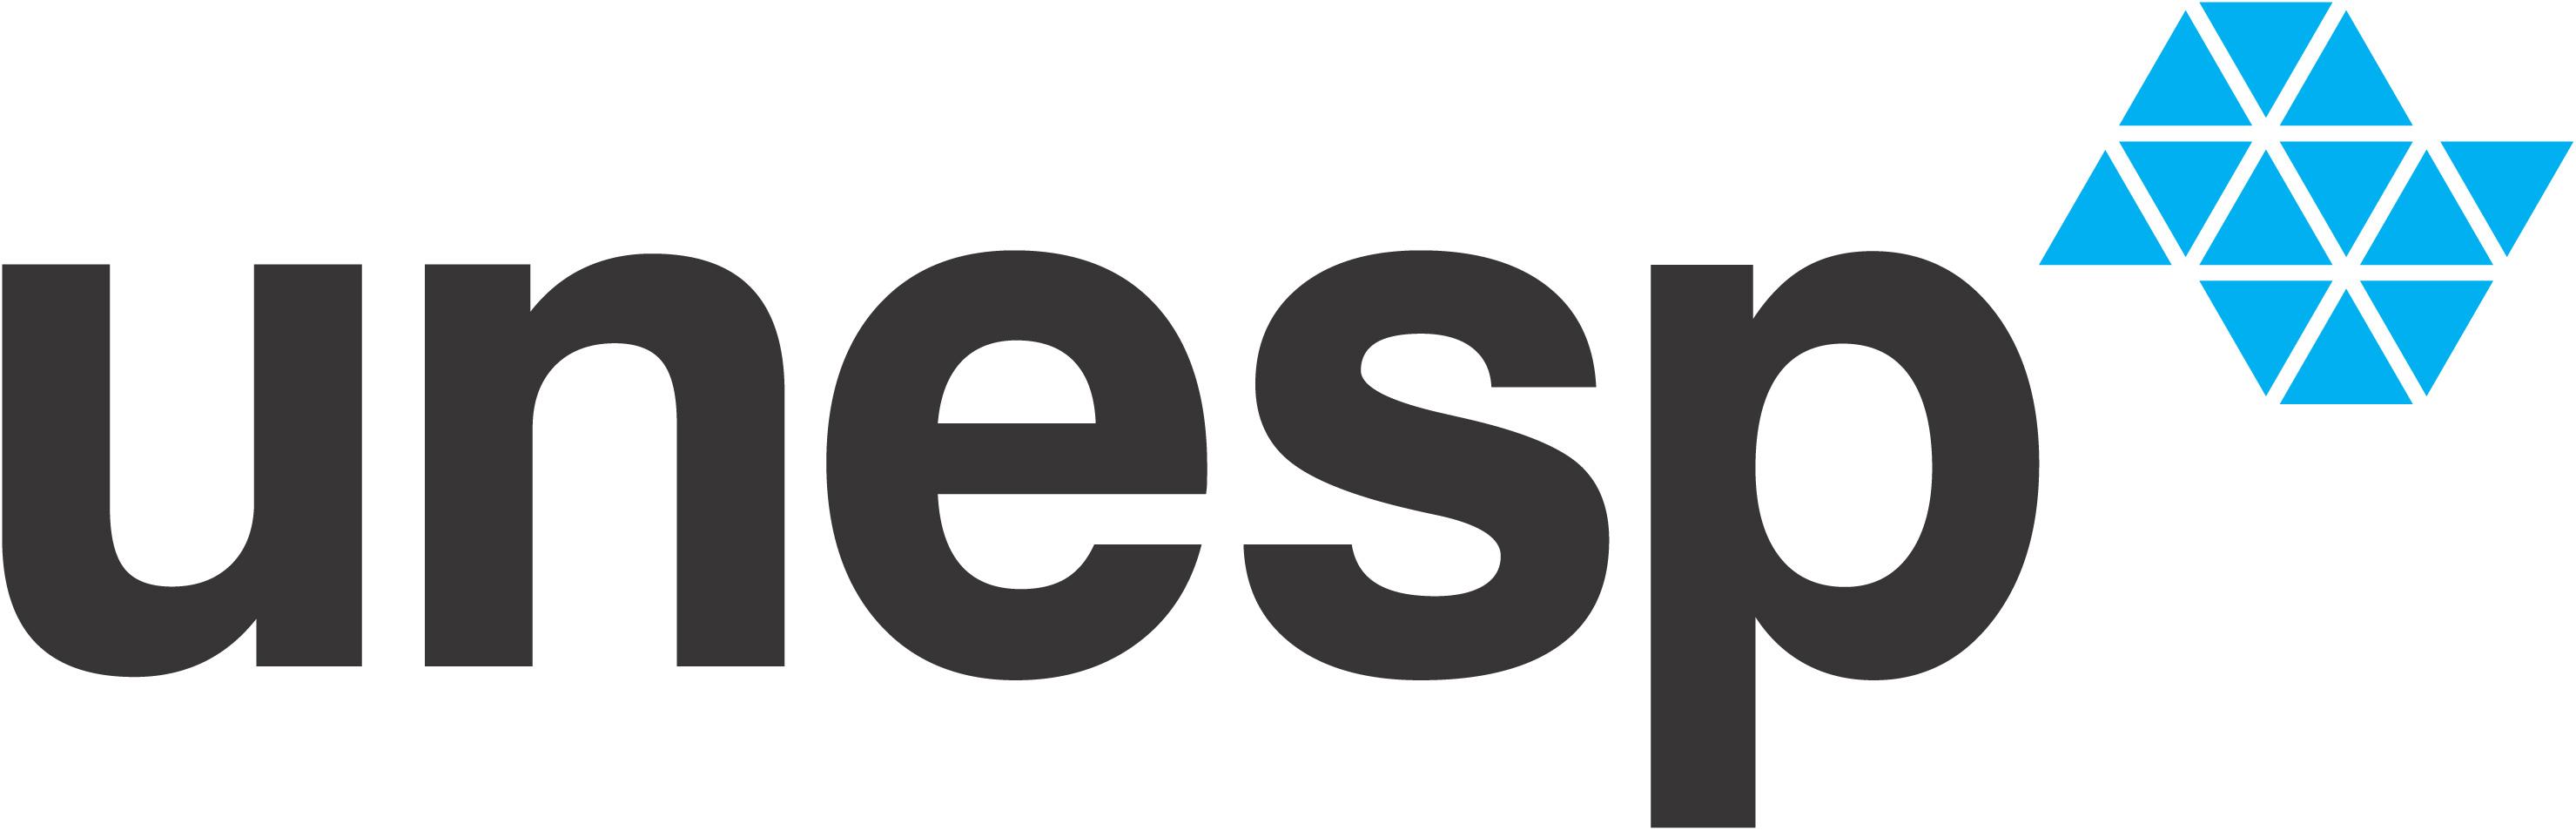 Abertas as inscrições para o Vestibular 2021 da Unesp